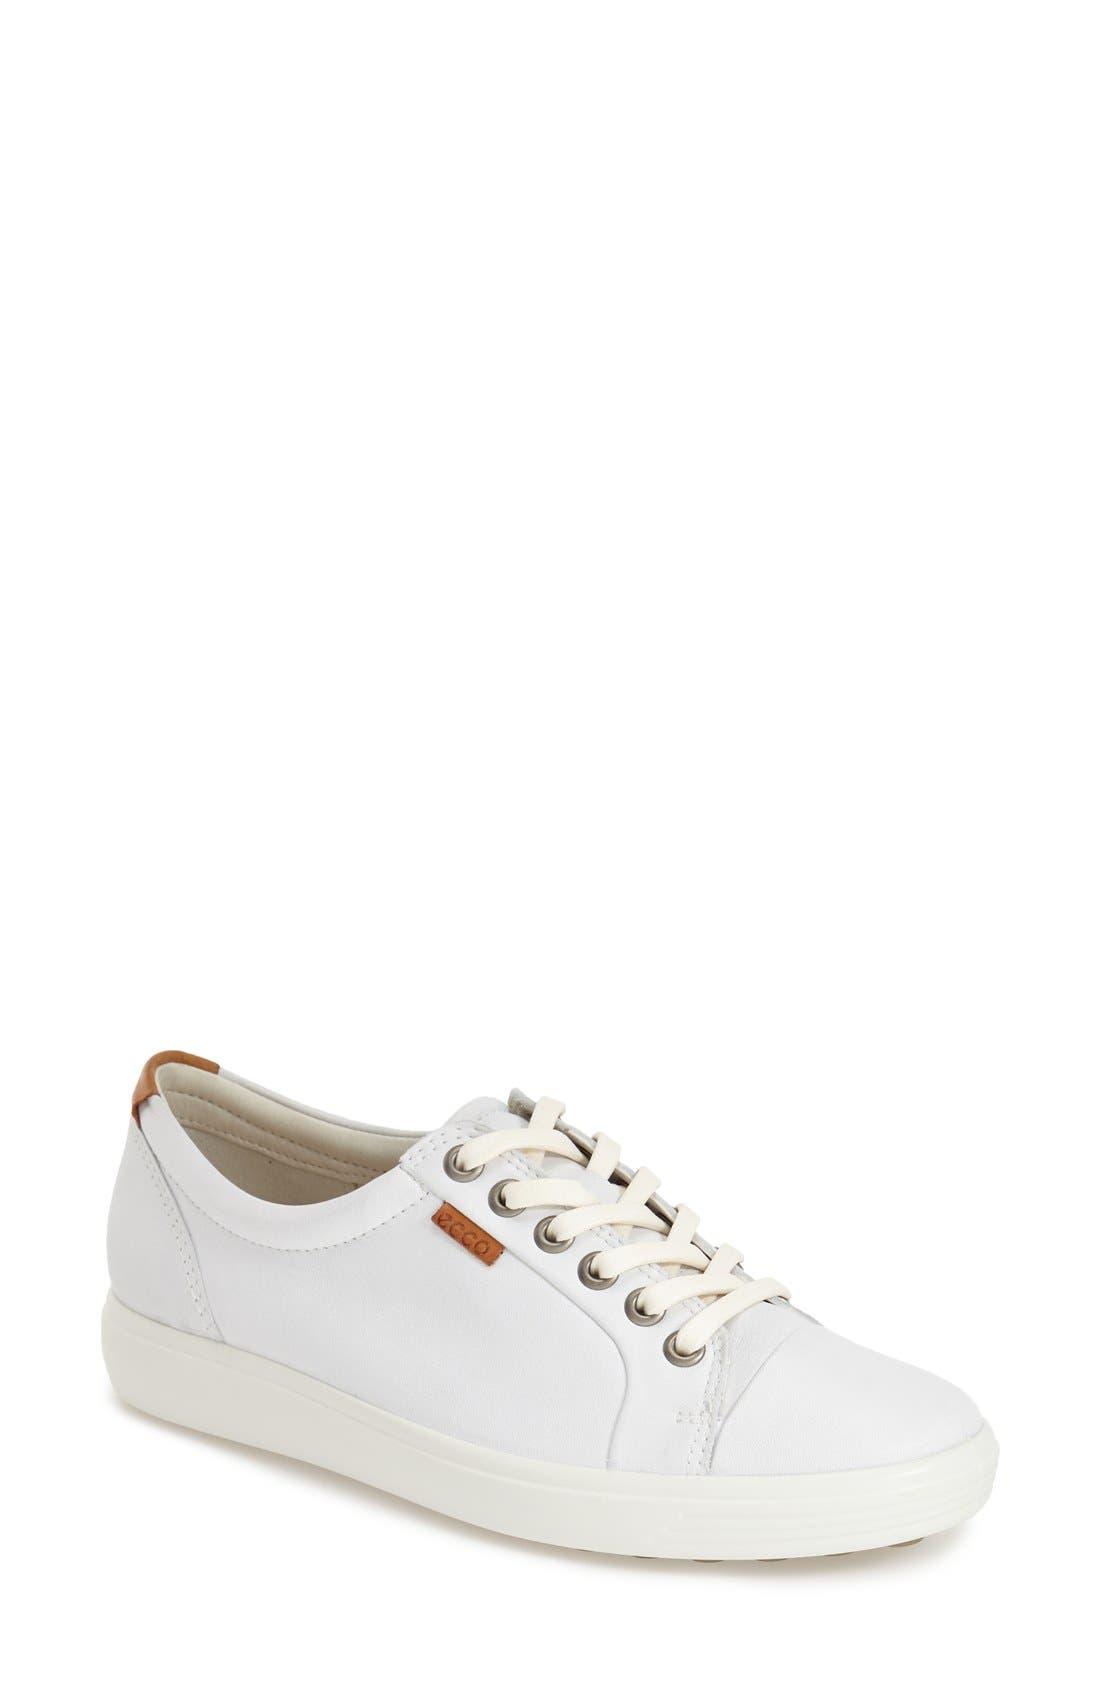 ECCO \u0027Soft 7\u0027 Cap Toe Sneaker (Women)